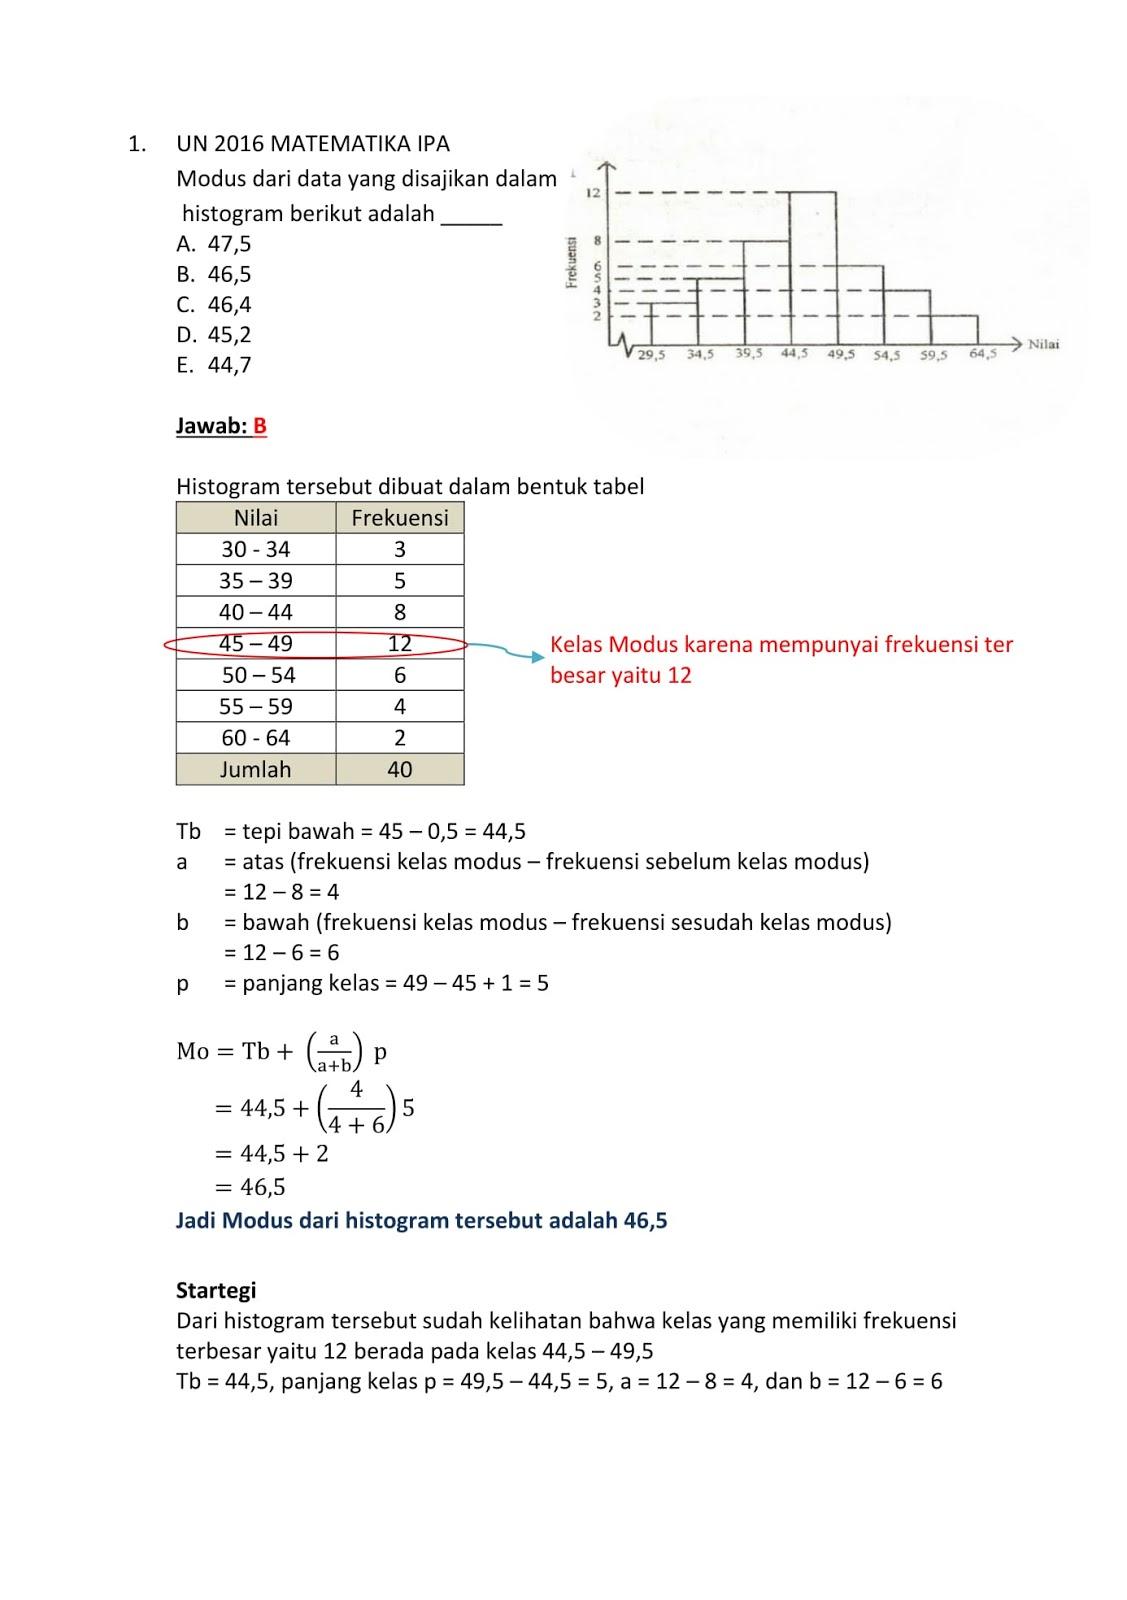 Contoh Soal Sbmptn Matematika Statistika Kumpulan Soal Pelajaran 10